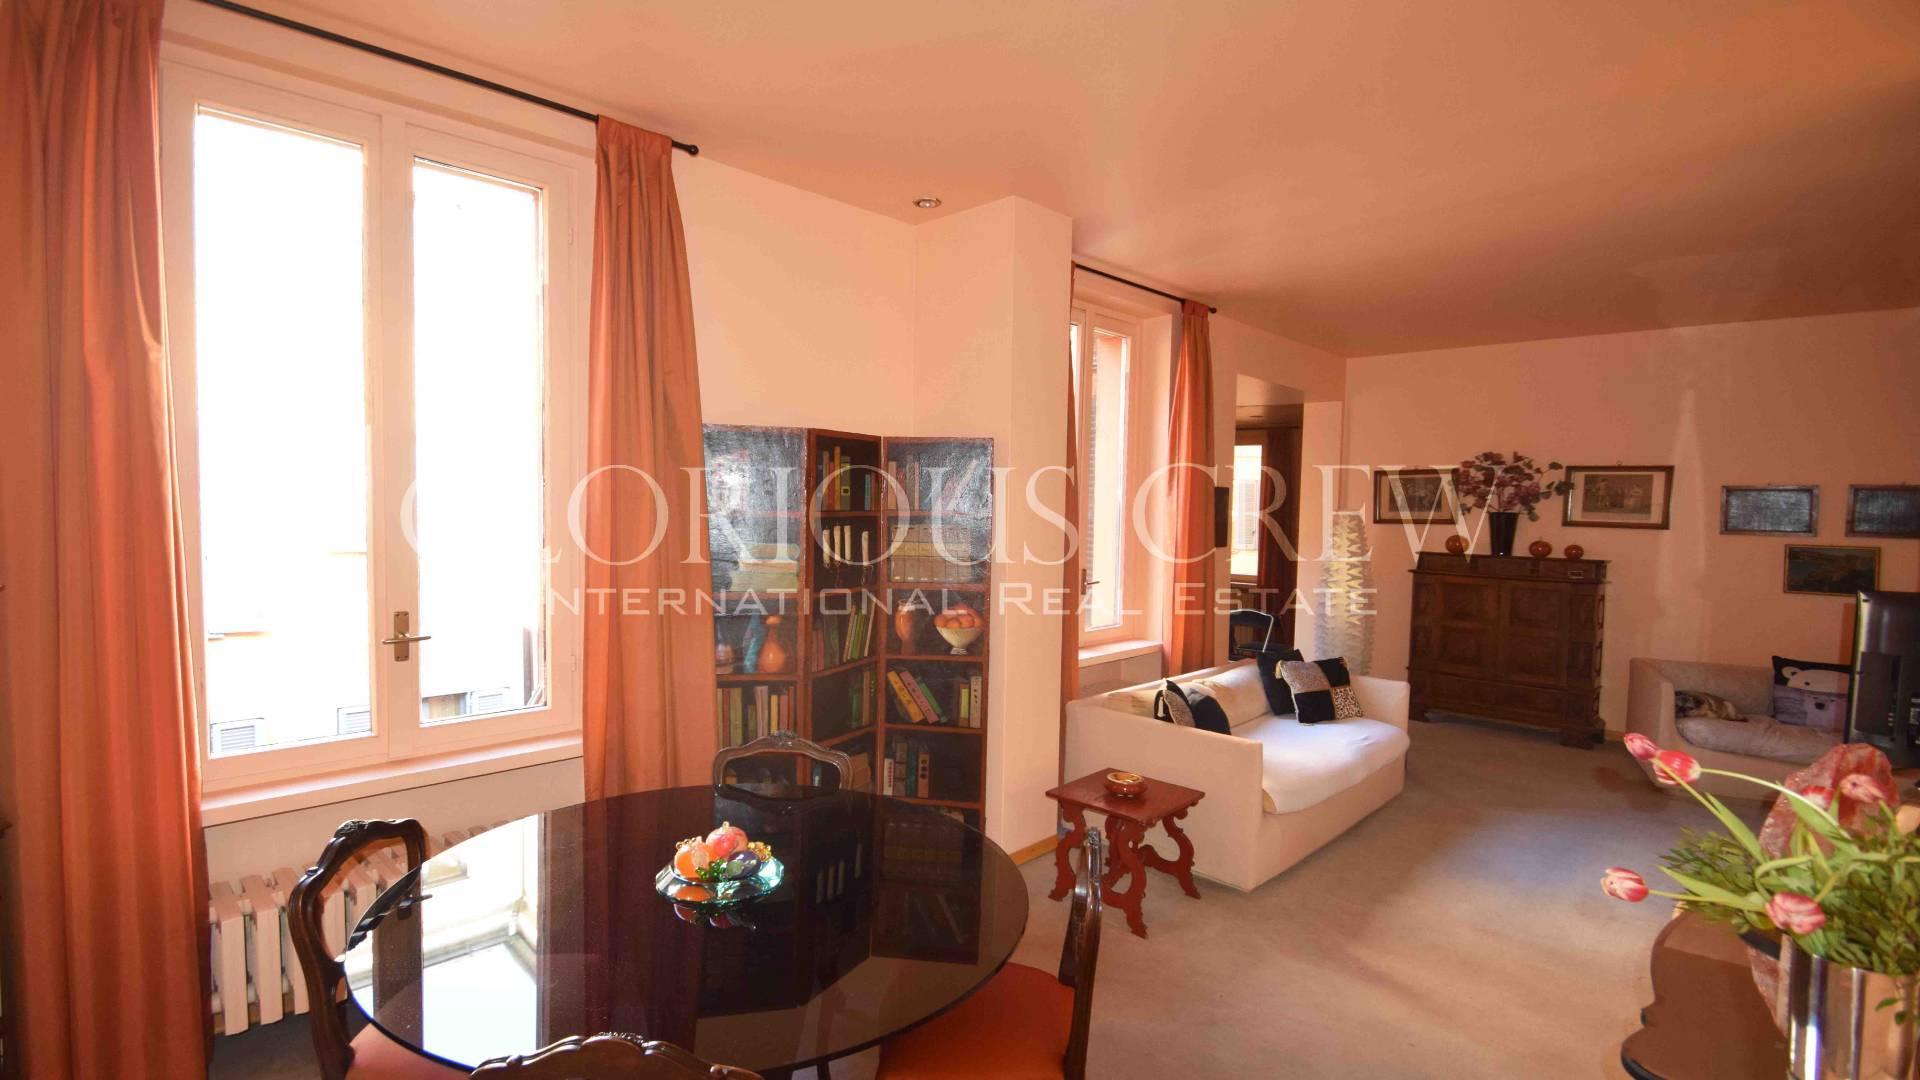 Appartamento in Vendita a Milano: 4 locali, 129 mq - Foto 3